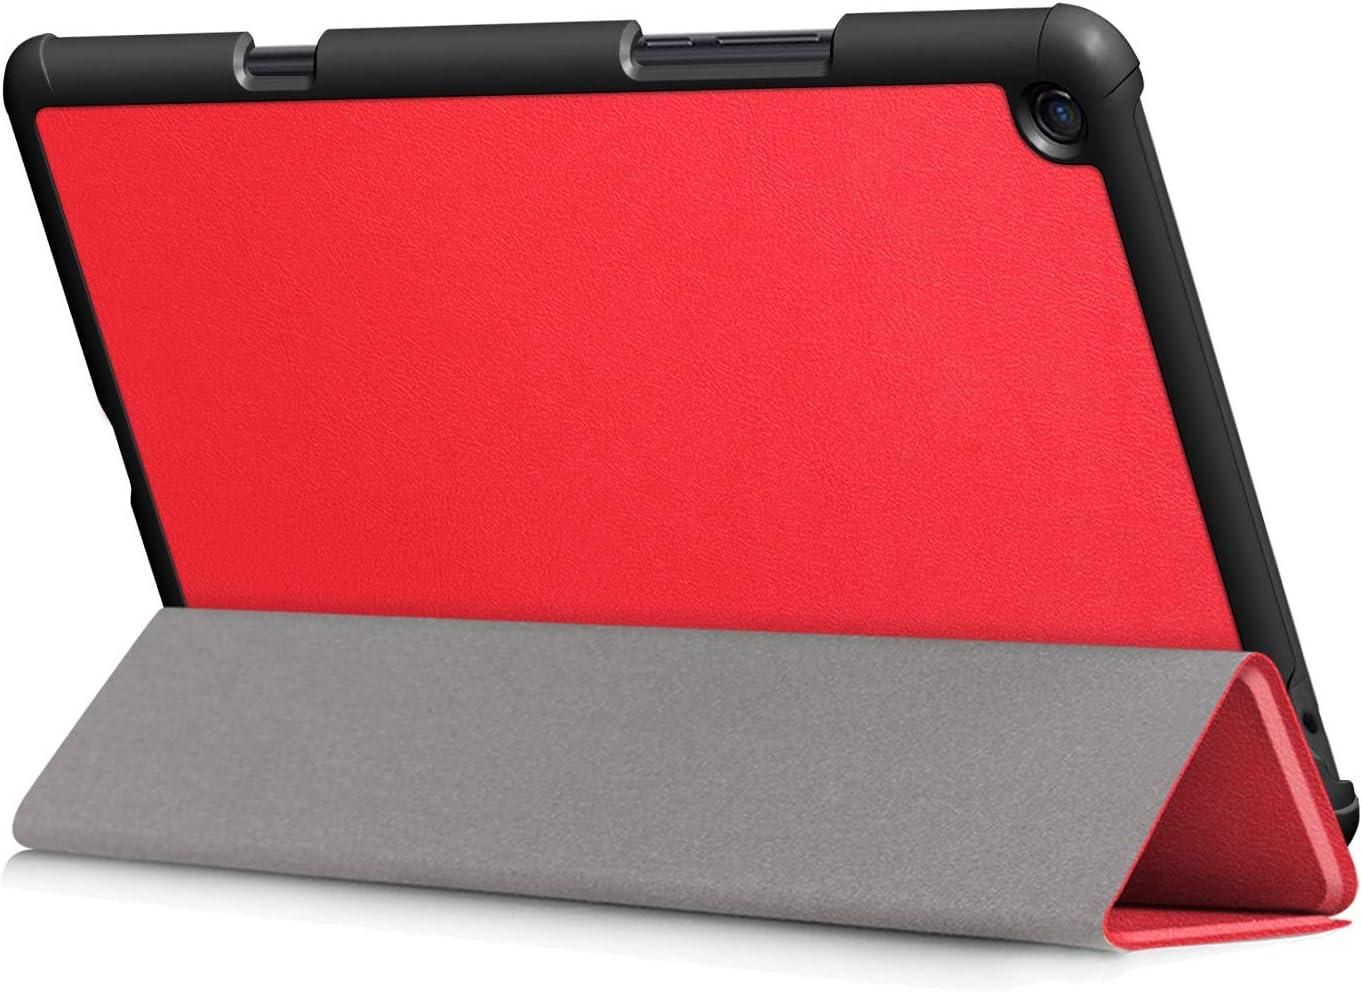 Kepuch Custer Funda para Xiaomi Mi Pad 4 Plus 10.1,Slim Smart Cover Fundas Carcasa Case Protectora de PU-Cuero para Xiaomi Mi Pad 4 Plus 10.1 - Rojo